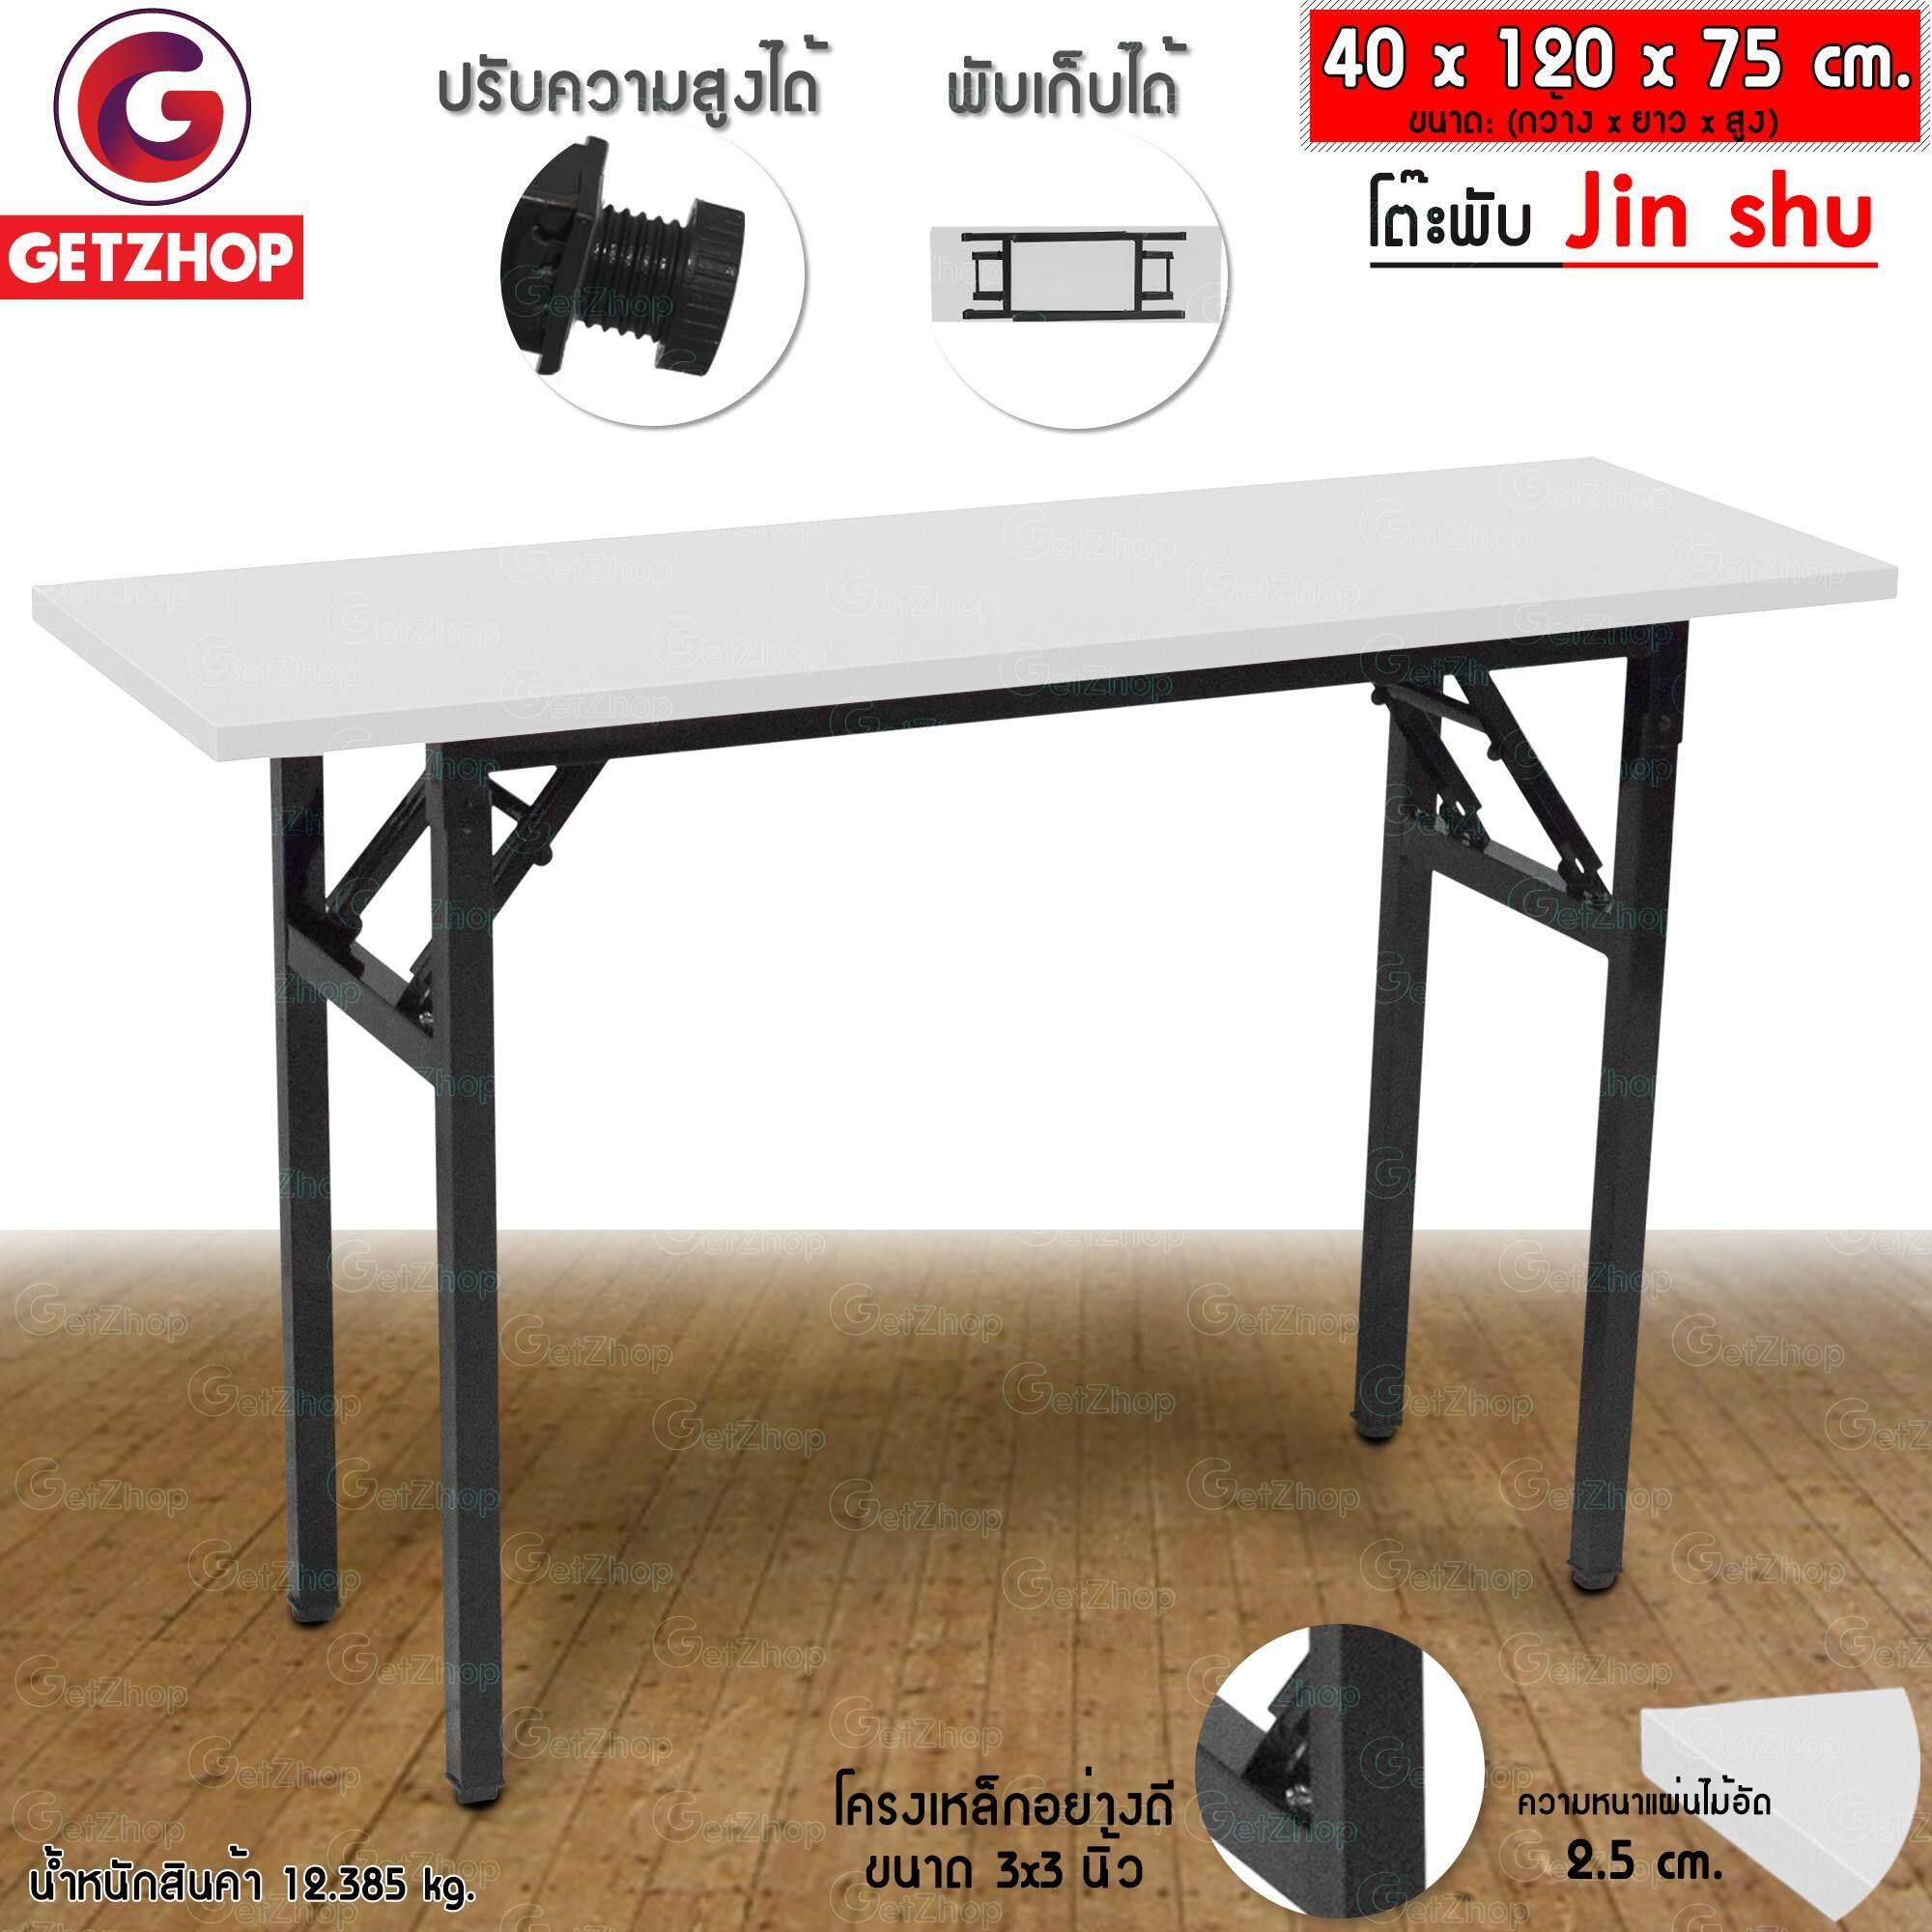 Letshop โต๊ะพับ โต๊ะพับเอนกประสงค์ Jin Shu รุ่น Xyj-005 ขนาด 120 X 40 X 75 Cm By Letshop.